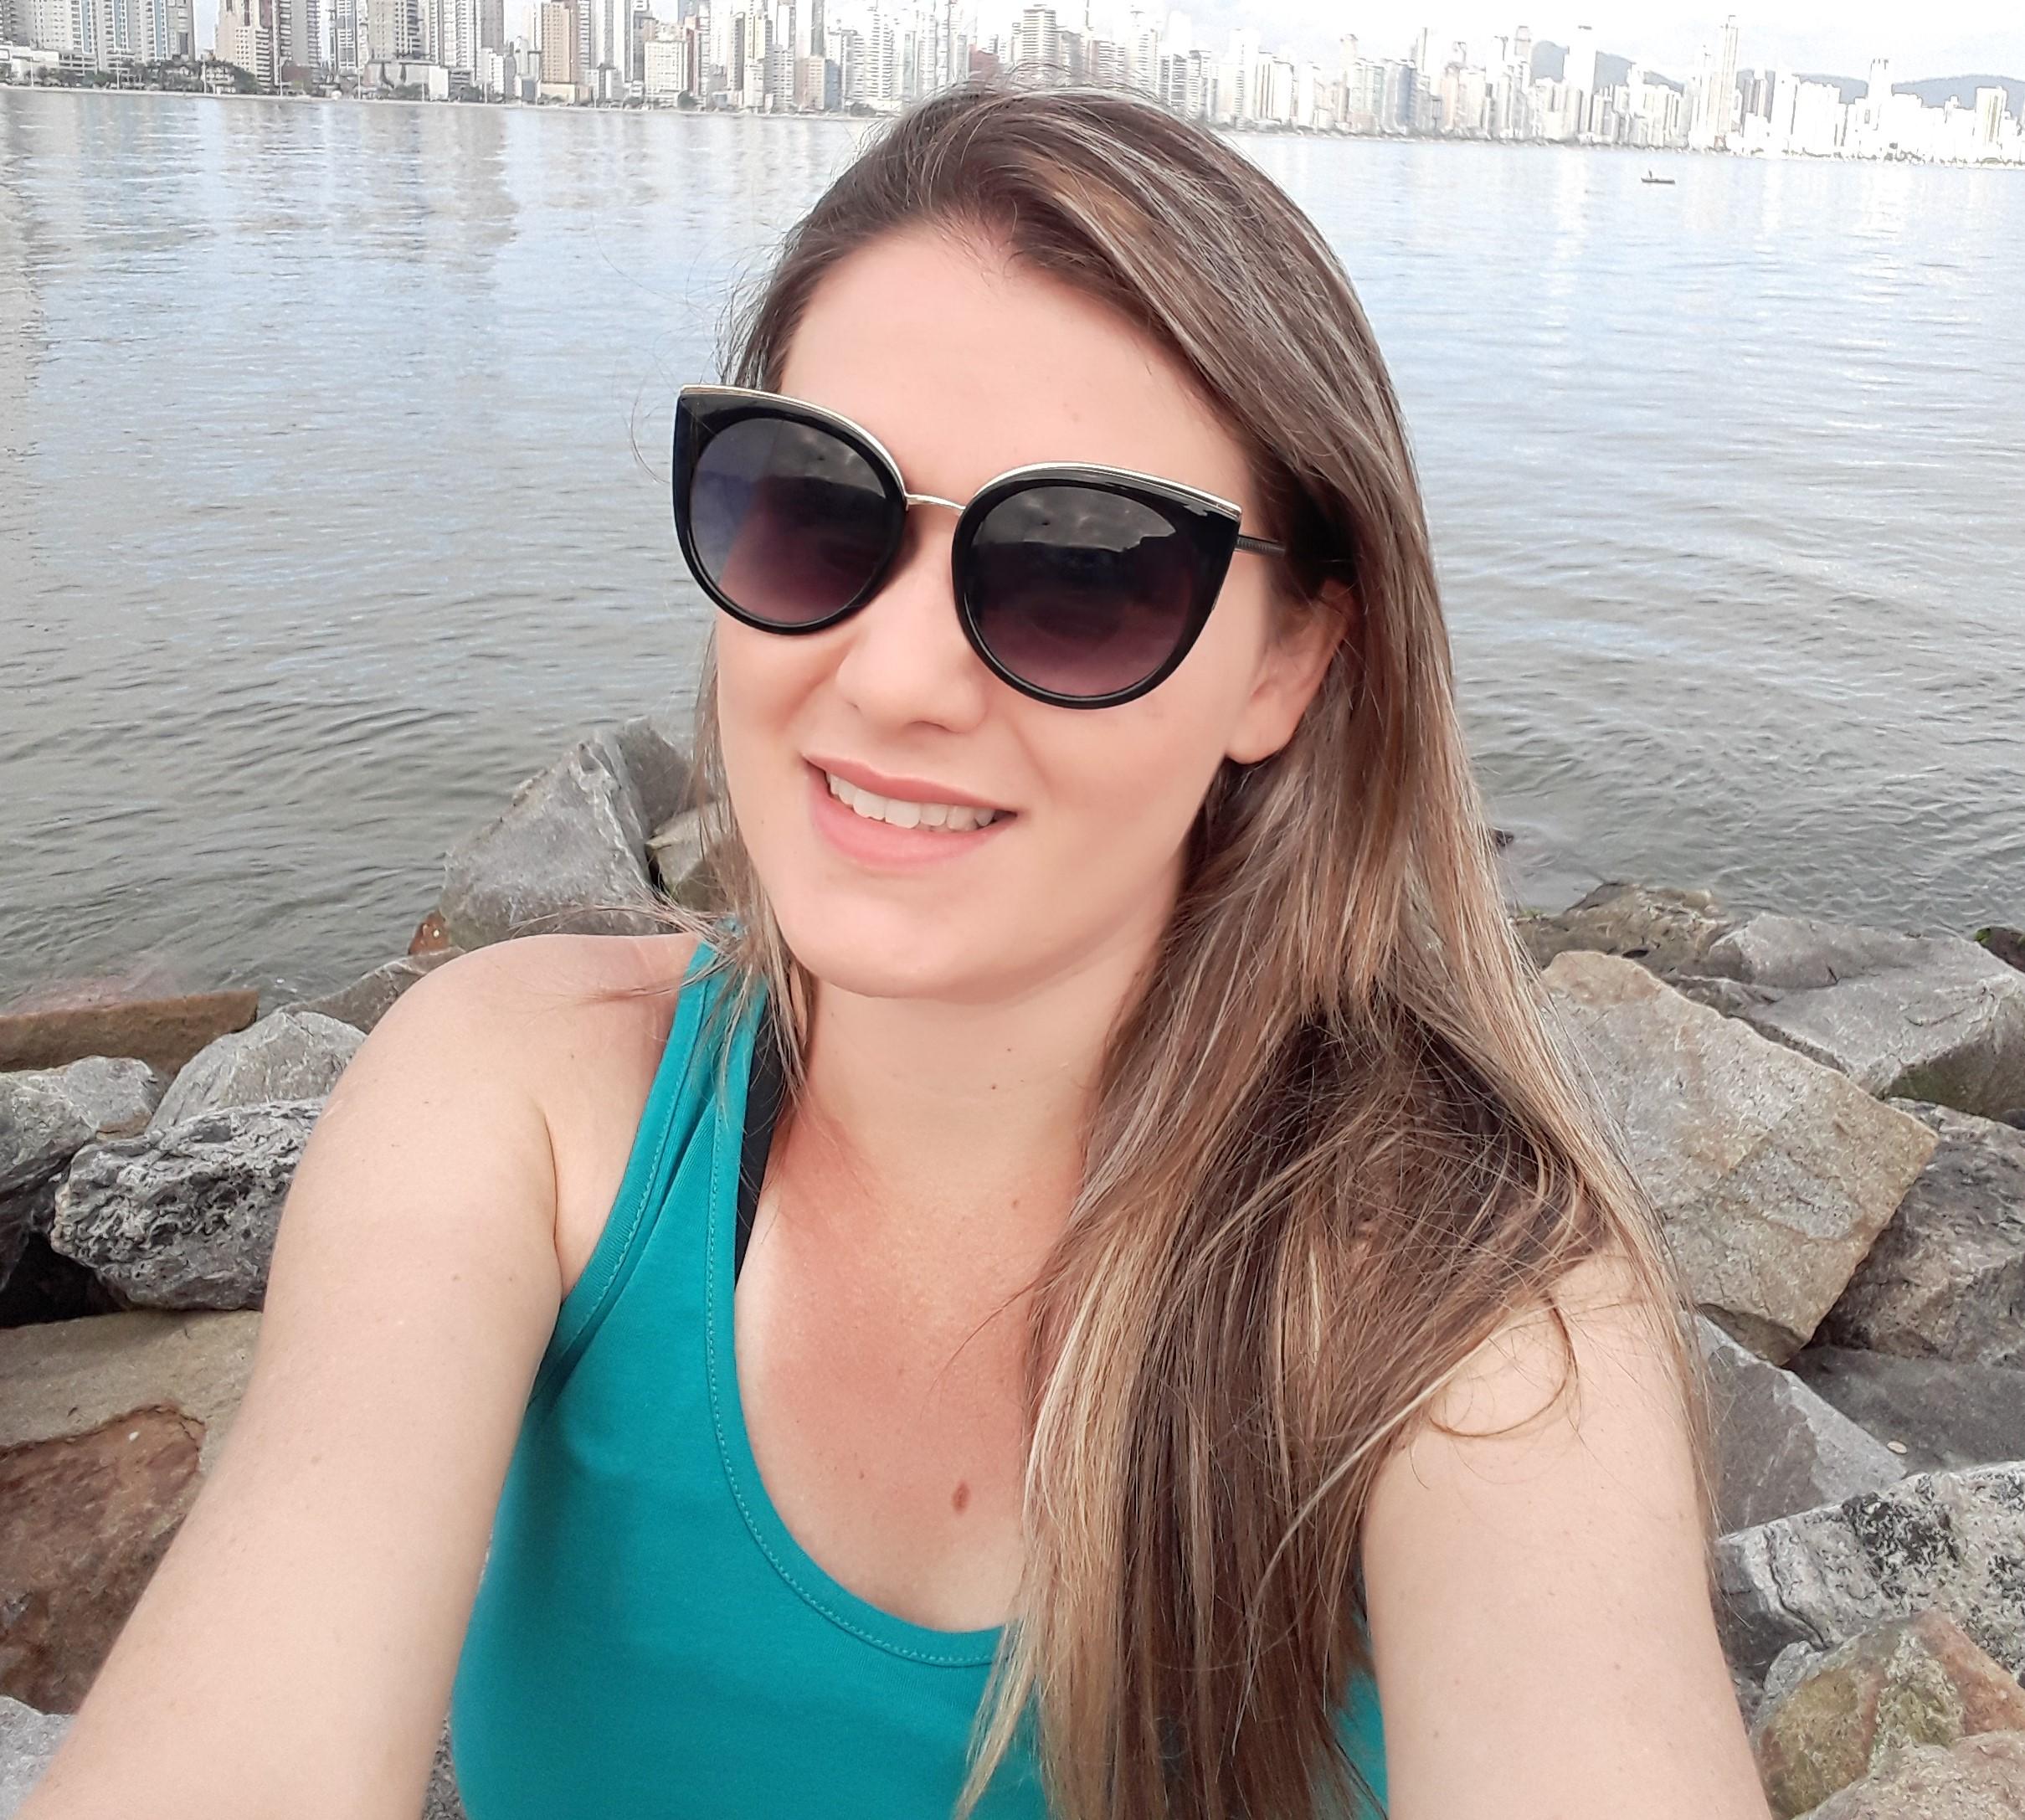 ENTREVISTA: Dayane Cristina de Souza Reis - Aprovada no concurso TRF 4 em 1° lugar para Analista Judiciário área Judiciária na região Norte/PR